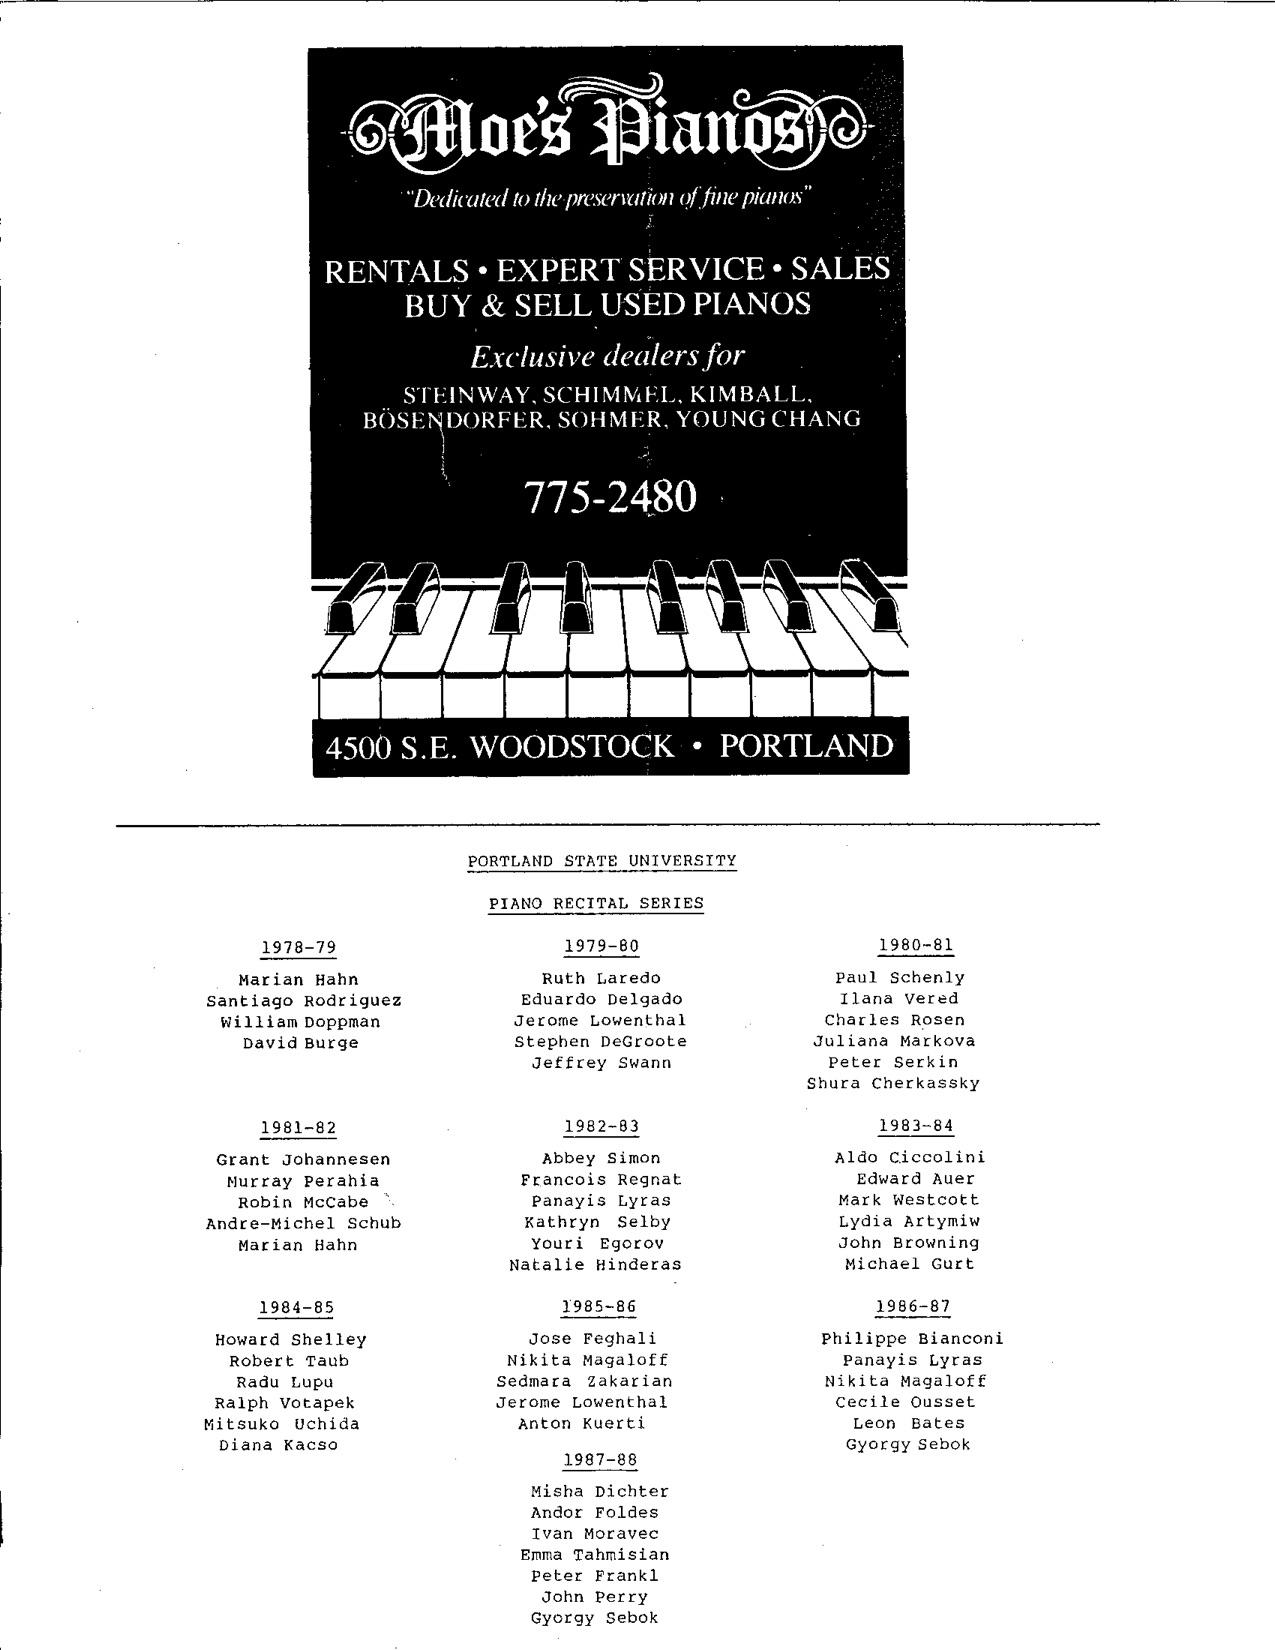 Slobodyanik88-89_Program4.jpg